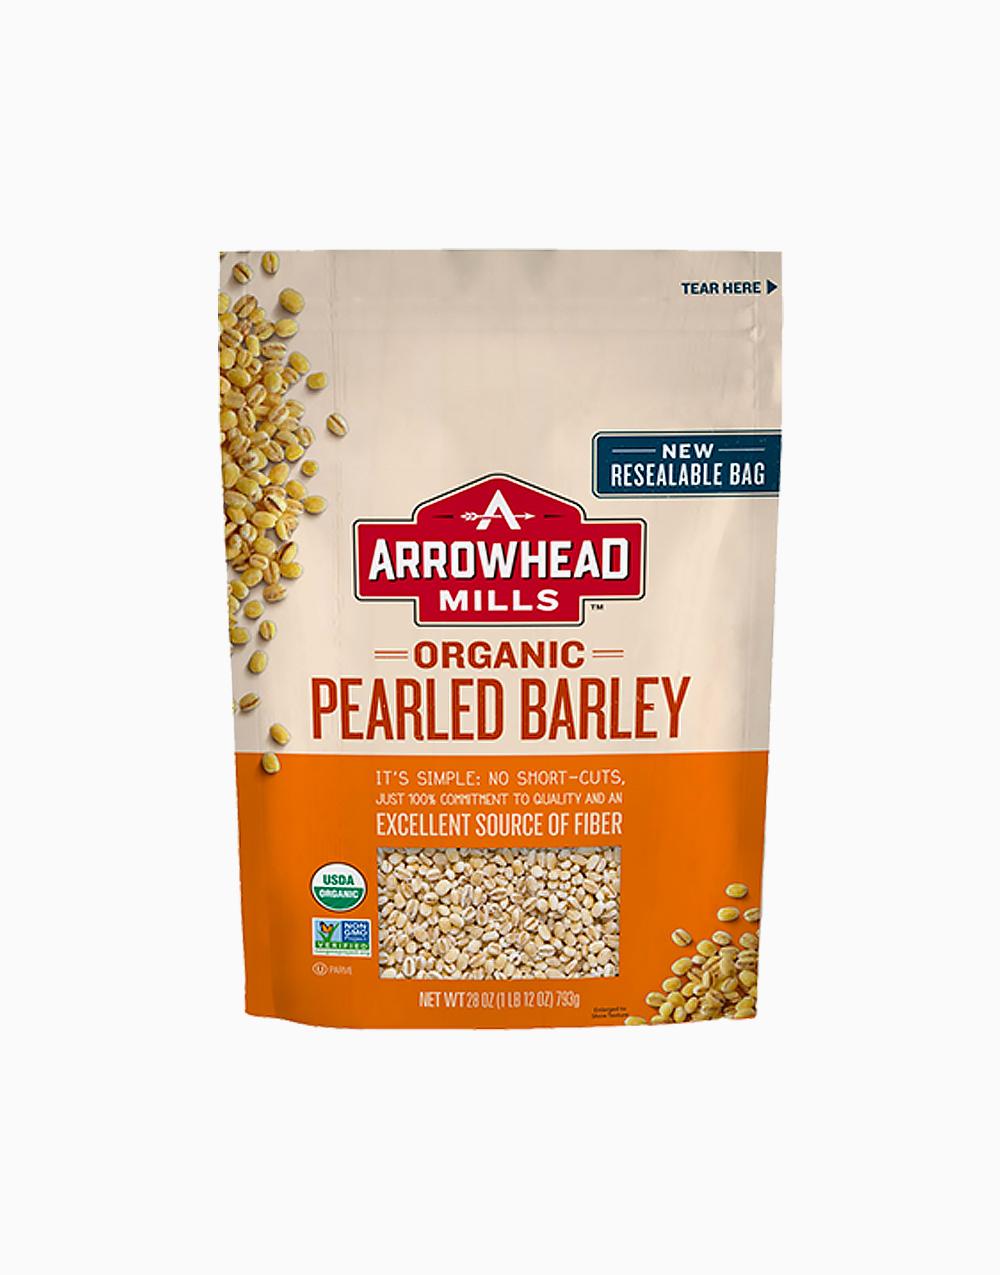 Organic Pearled Barley (28oz) by Arrowhead Mills